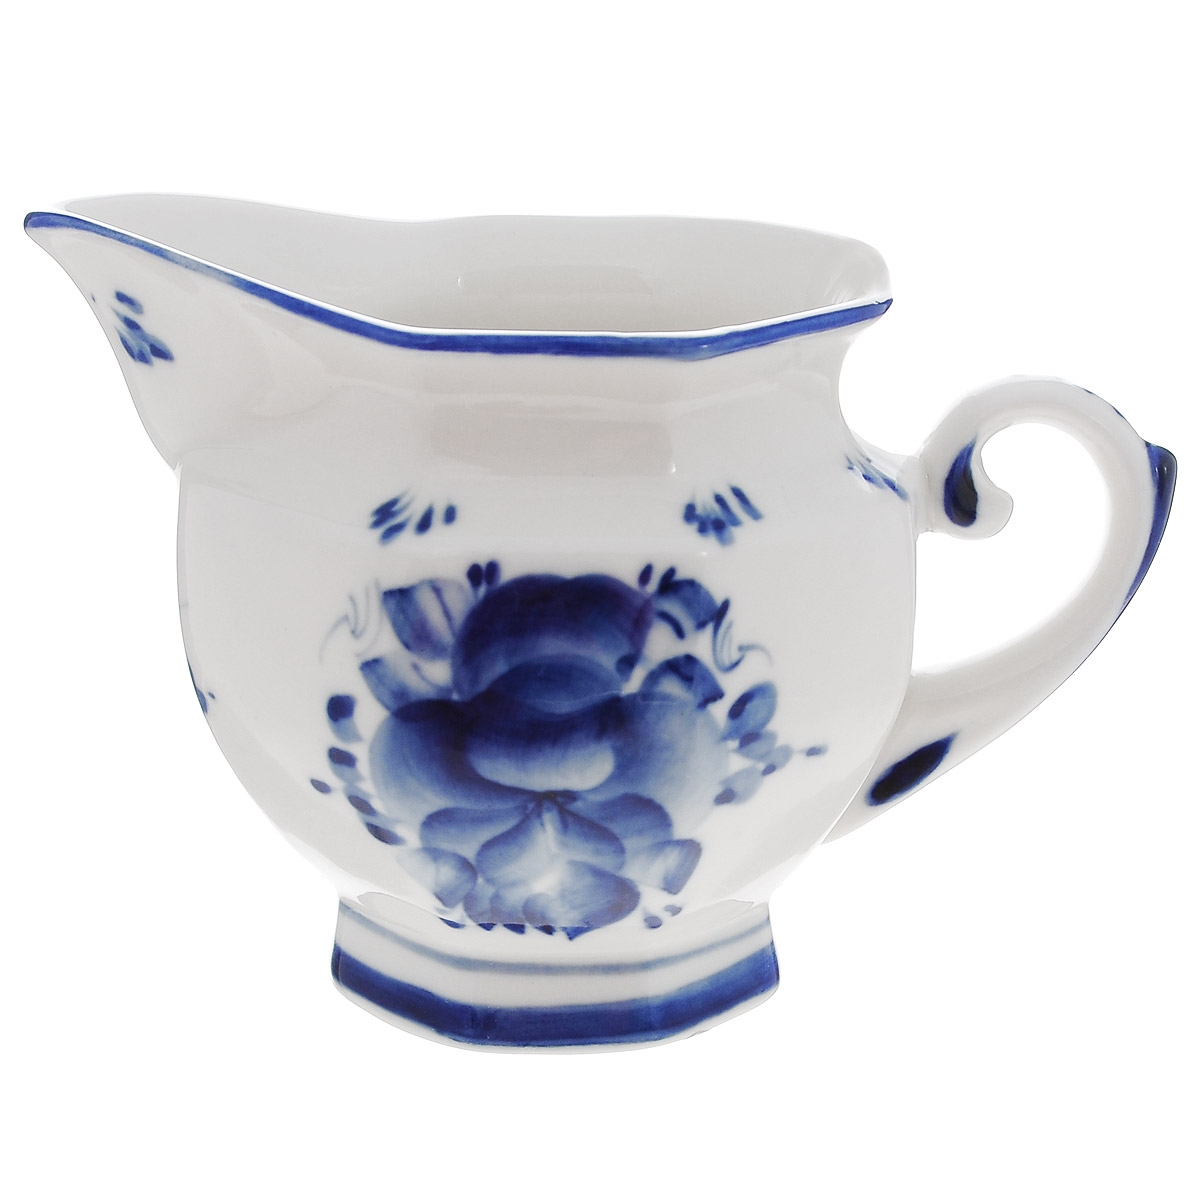 Молочник Гжельские узоры, цвет: белый, синий, 325 мл115510Молочник Гжельские узоры изготовлен из высококачественной керамики и оформлен легкой росписью, которая сочетает простые линии и орнаменты с красивыми цветочными узорами. Изделие предназначено для подачи молока и сливок. Изящный дизайн молочника придется по вкусу и ценителям классики, и тем, кто предпочитает утонченность и изысканность. Гжель - один из традиционных российских центров производства керамики и известный народный художественный промысел России. Производят изделия в Московской области, в обширном районе из 27 деревень, называемых Гжельский куст. Профессиональные мастера сохраняют традиции росписи и создают истинные шедевры. Ей характерна изящная роспись в синих тонах на белом фоне. Традиционными считаются изображения птиц, цветов и узоров. Роспись на изделиях выполняется вручную. Каждое изделие уникально. Гжельская посуда никогда не выцветает и абсолютно безопасна для здоровья. На дне стоит клеймо Гжельского производства. Обращаем ваше внимание, что роспись на изделие сделана вручную. Рисунок может немного отличаться от изображения на фотографии. Можно мыть в посудомоечной машине.Объем: 325 мл. Диаметр (по верхнему краю): 8 см. Диаметр дна: 6 см.Высота: 9 см.